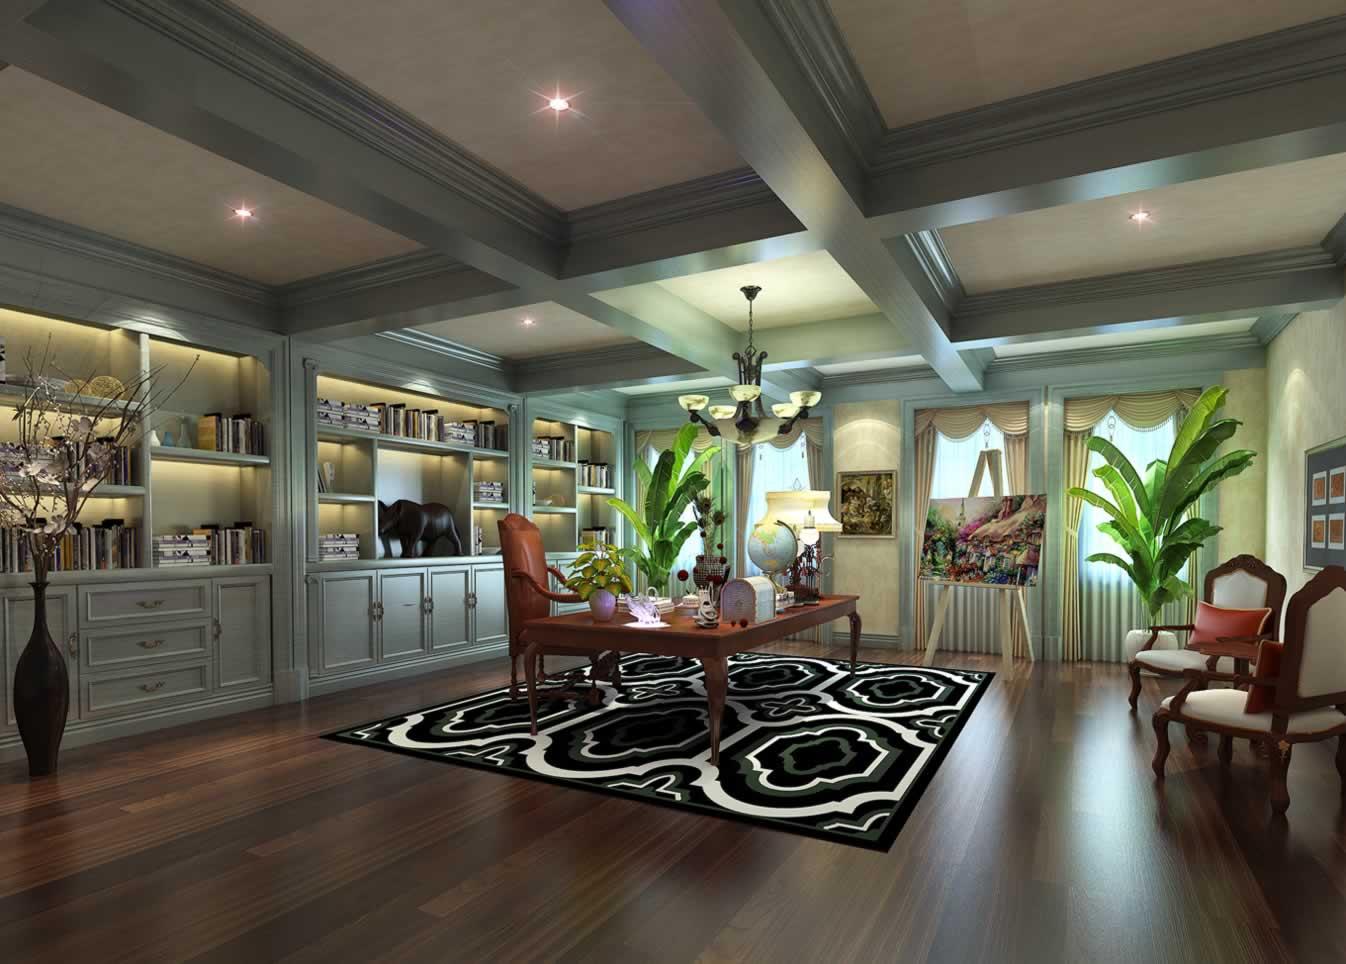 淳朴的颜色搭配,富丽堂皇的视觉效果引人注目。在一般住宅公寓项目中,也有常用欧式风格。这种一般追求欧式风格的浪漫,优雅气质和生活的品质感。